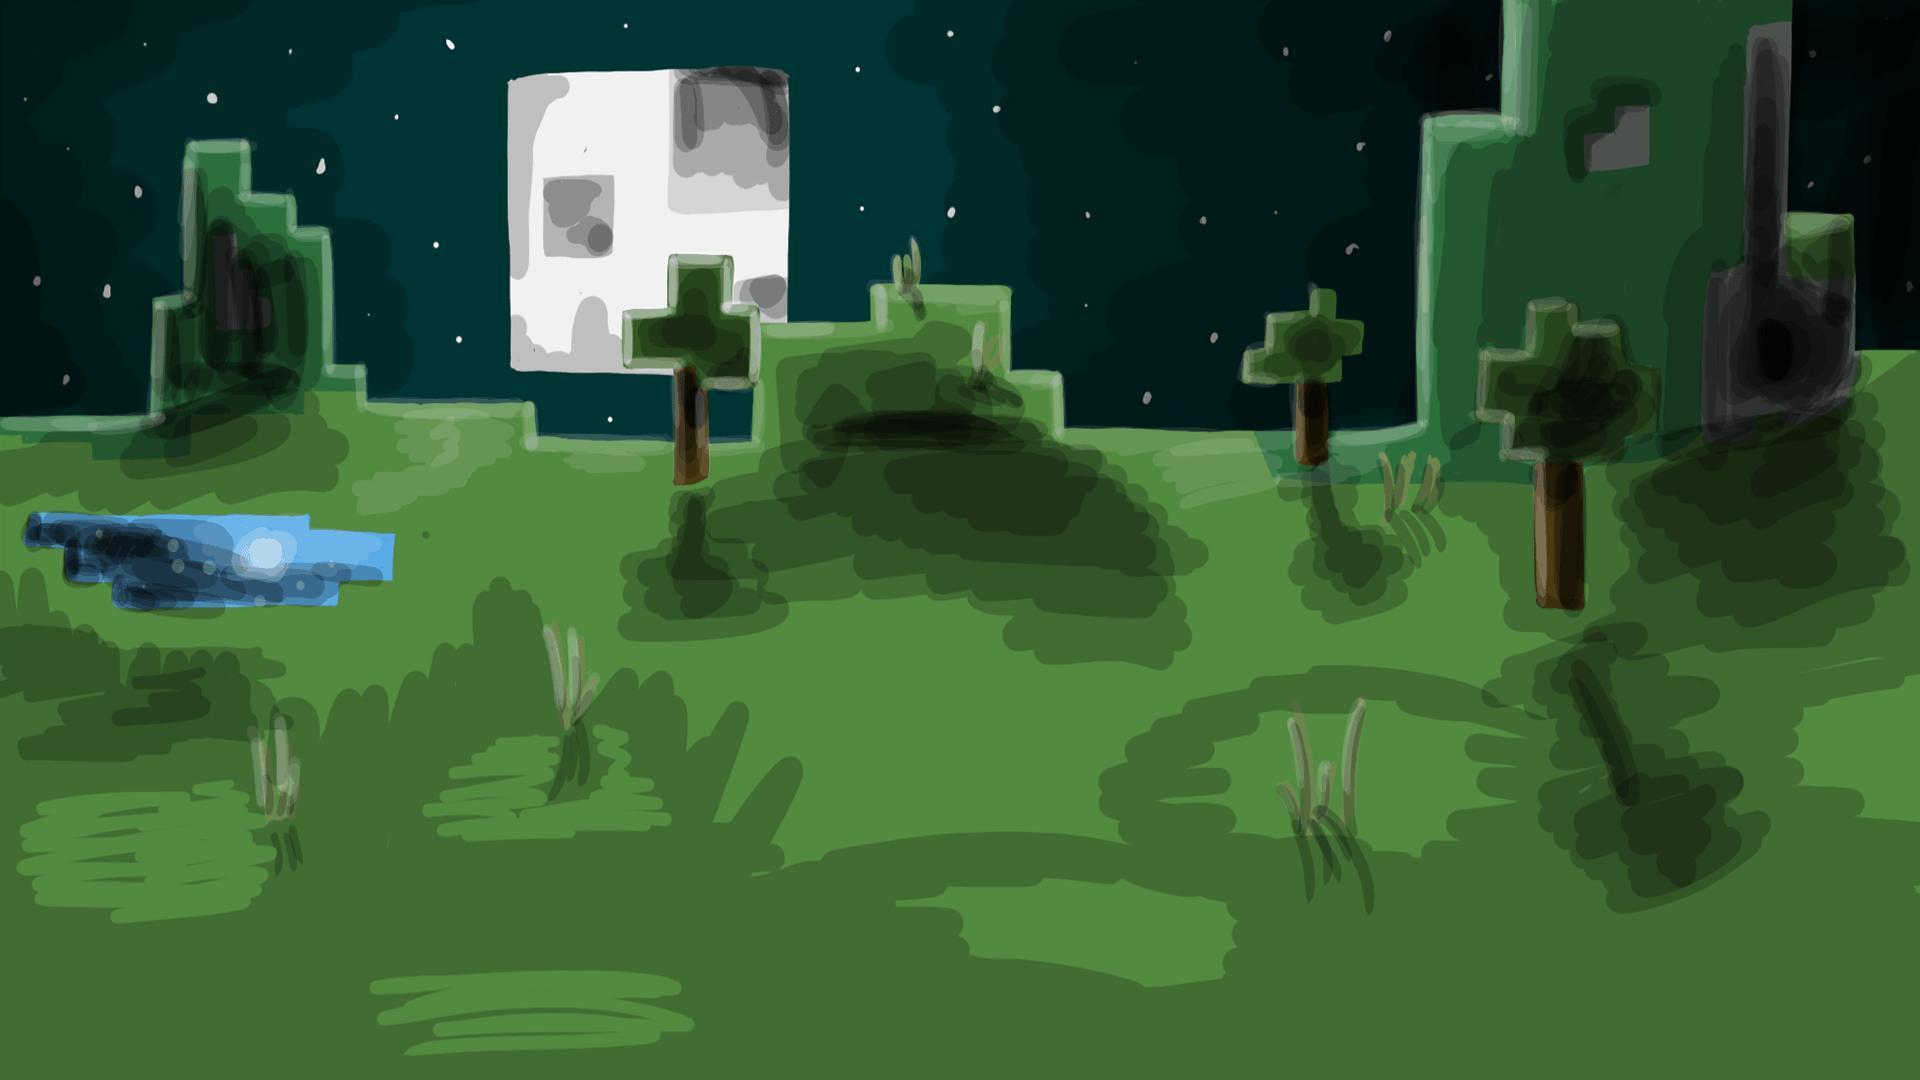 minecraft_landscape_by_kalistik_cheryzia-d4seu00